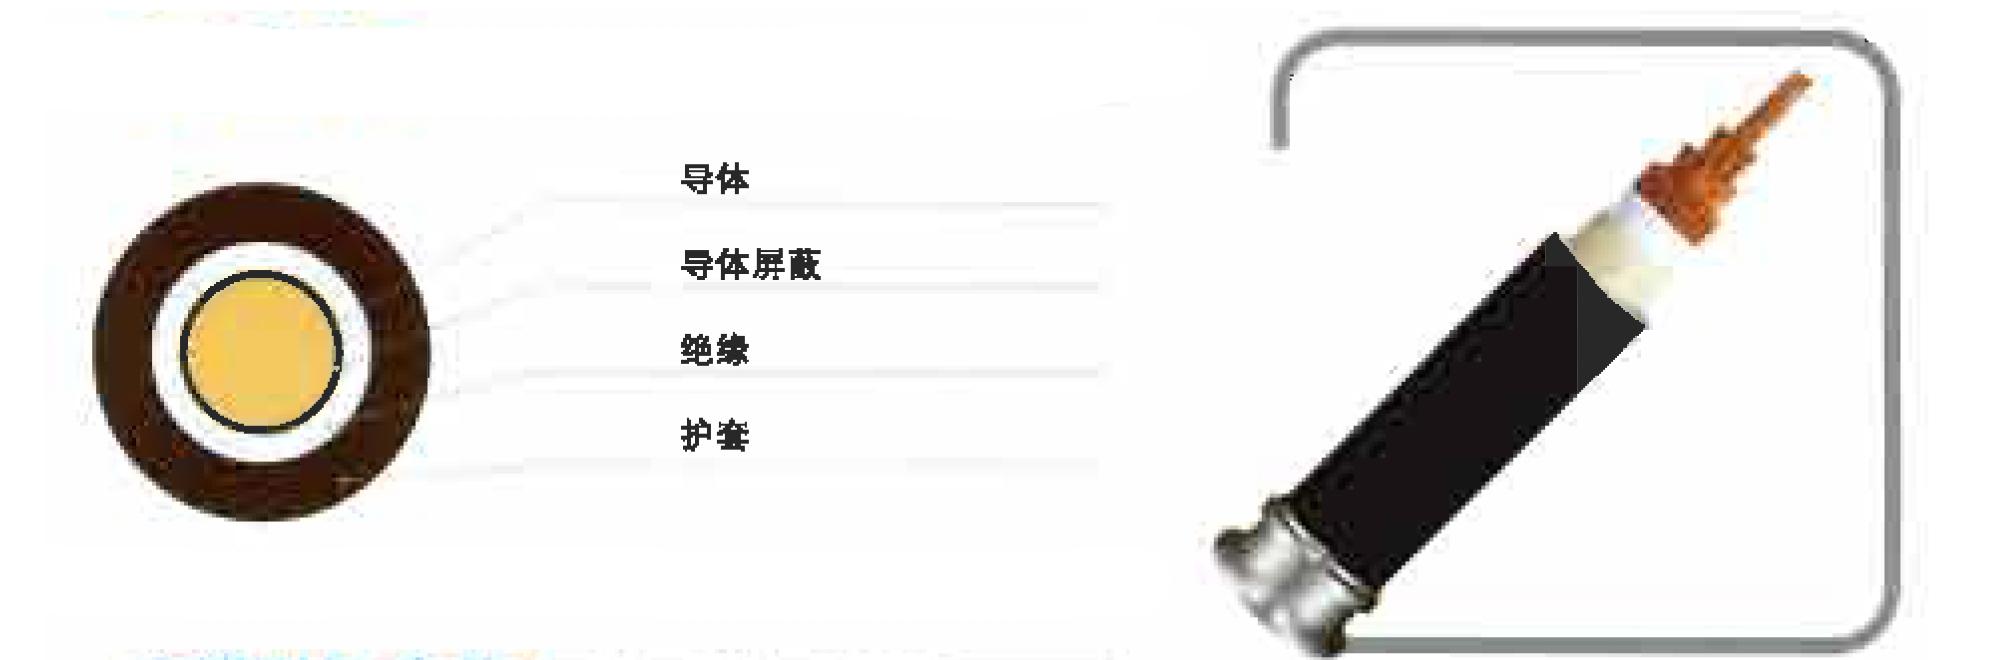 国产高压雷竞技官网下载雷竞技pc版料促进雷竞技官网下载行业质量提升